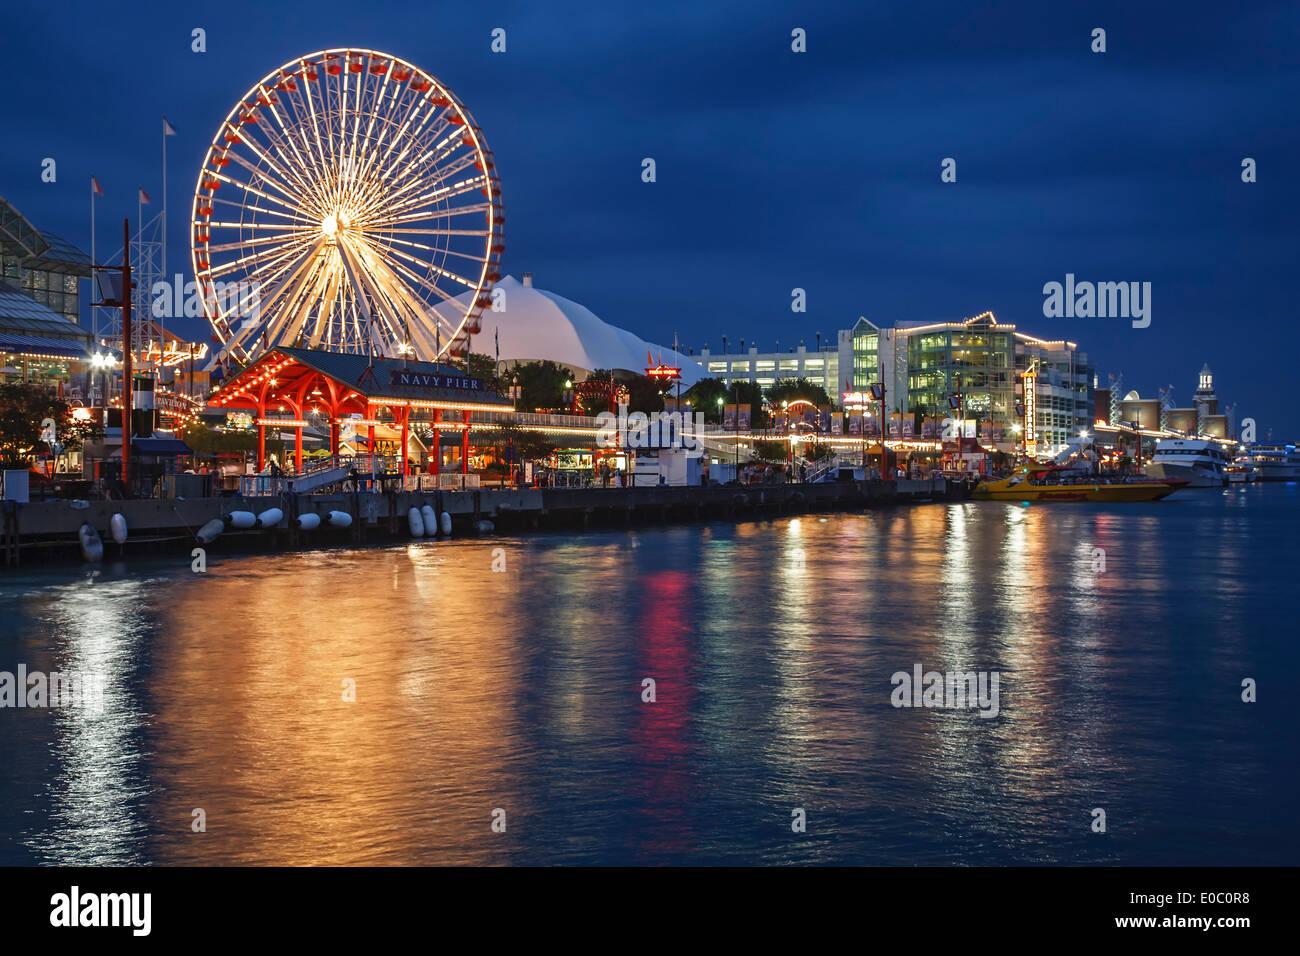 Rueda de Ferris y Navy Pier, Chicago, Illinois, EE.UU. Imagen De Stock